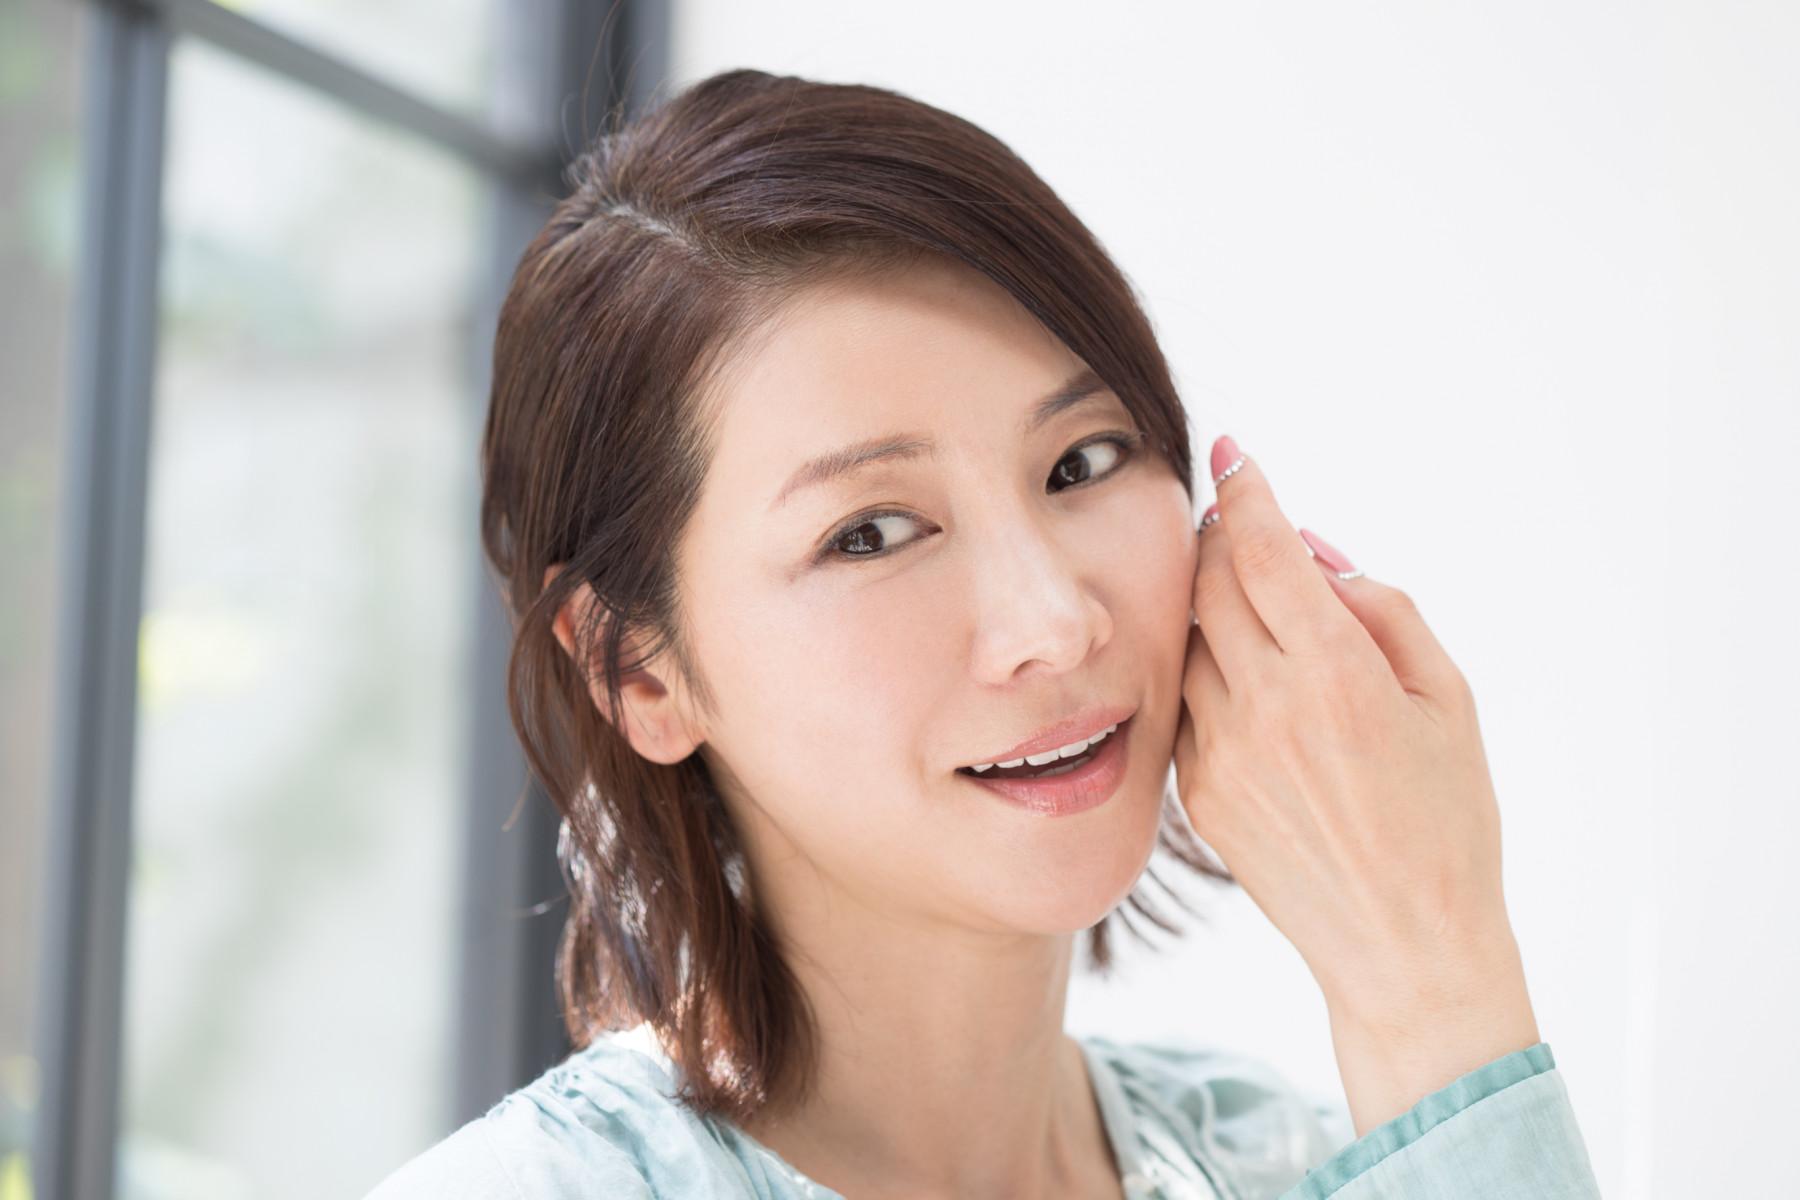 水谷雅子さんスキンケア2